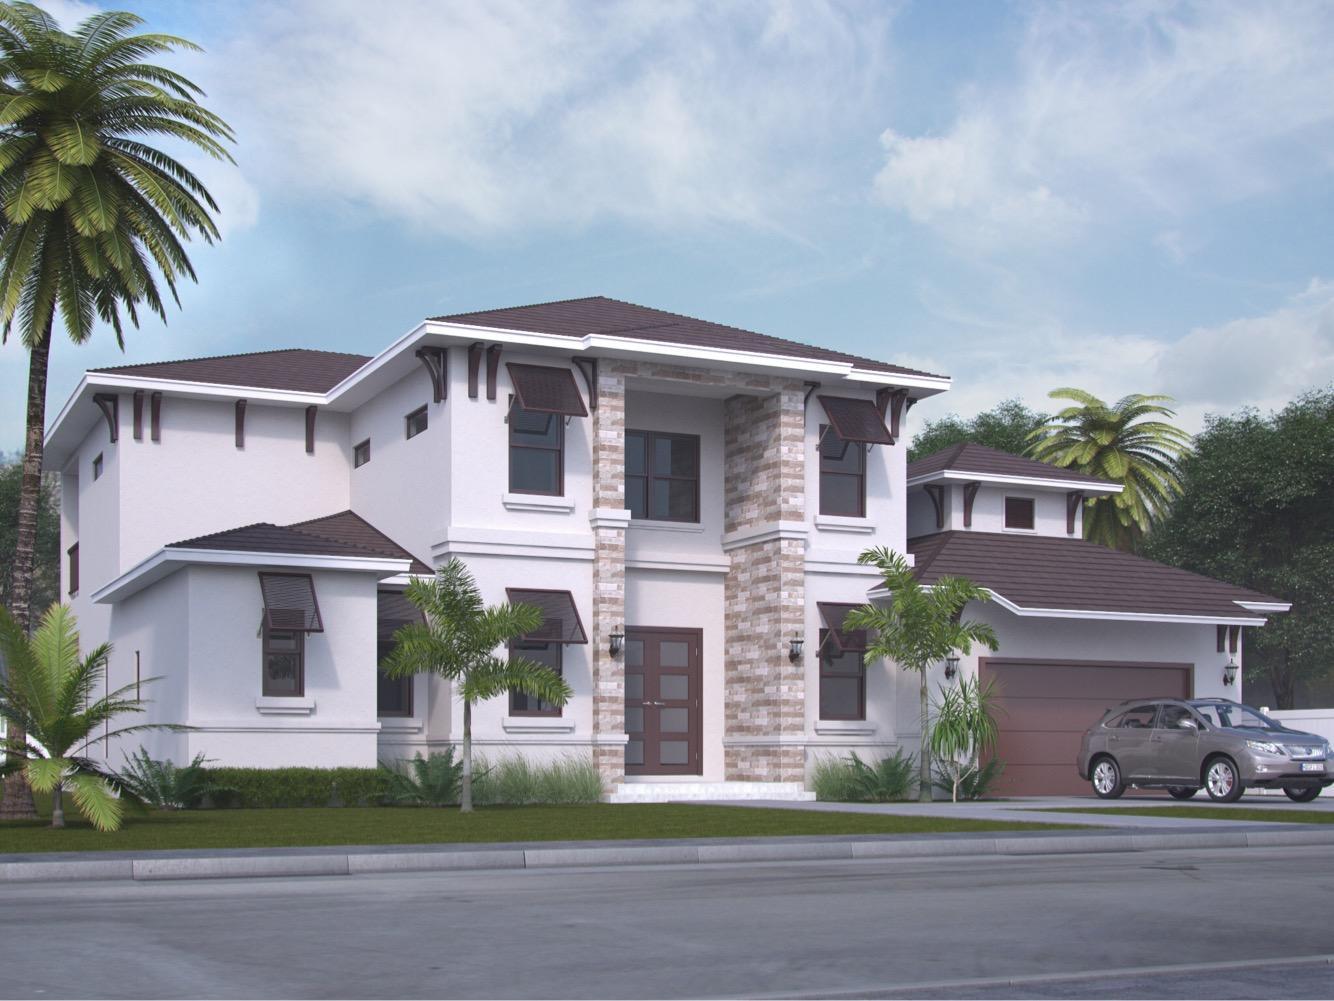 904 28th Avenue, Boynton Beach, Florida 33435, 5 Bedrooms Bedrooms, ,4.1 BathroomsBathrooms,Single Family,For Sale,28th,RX-10466939